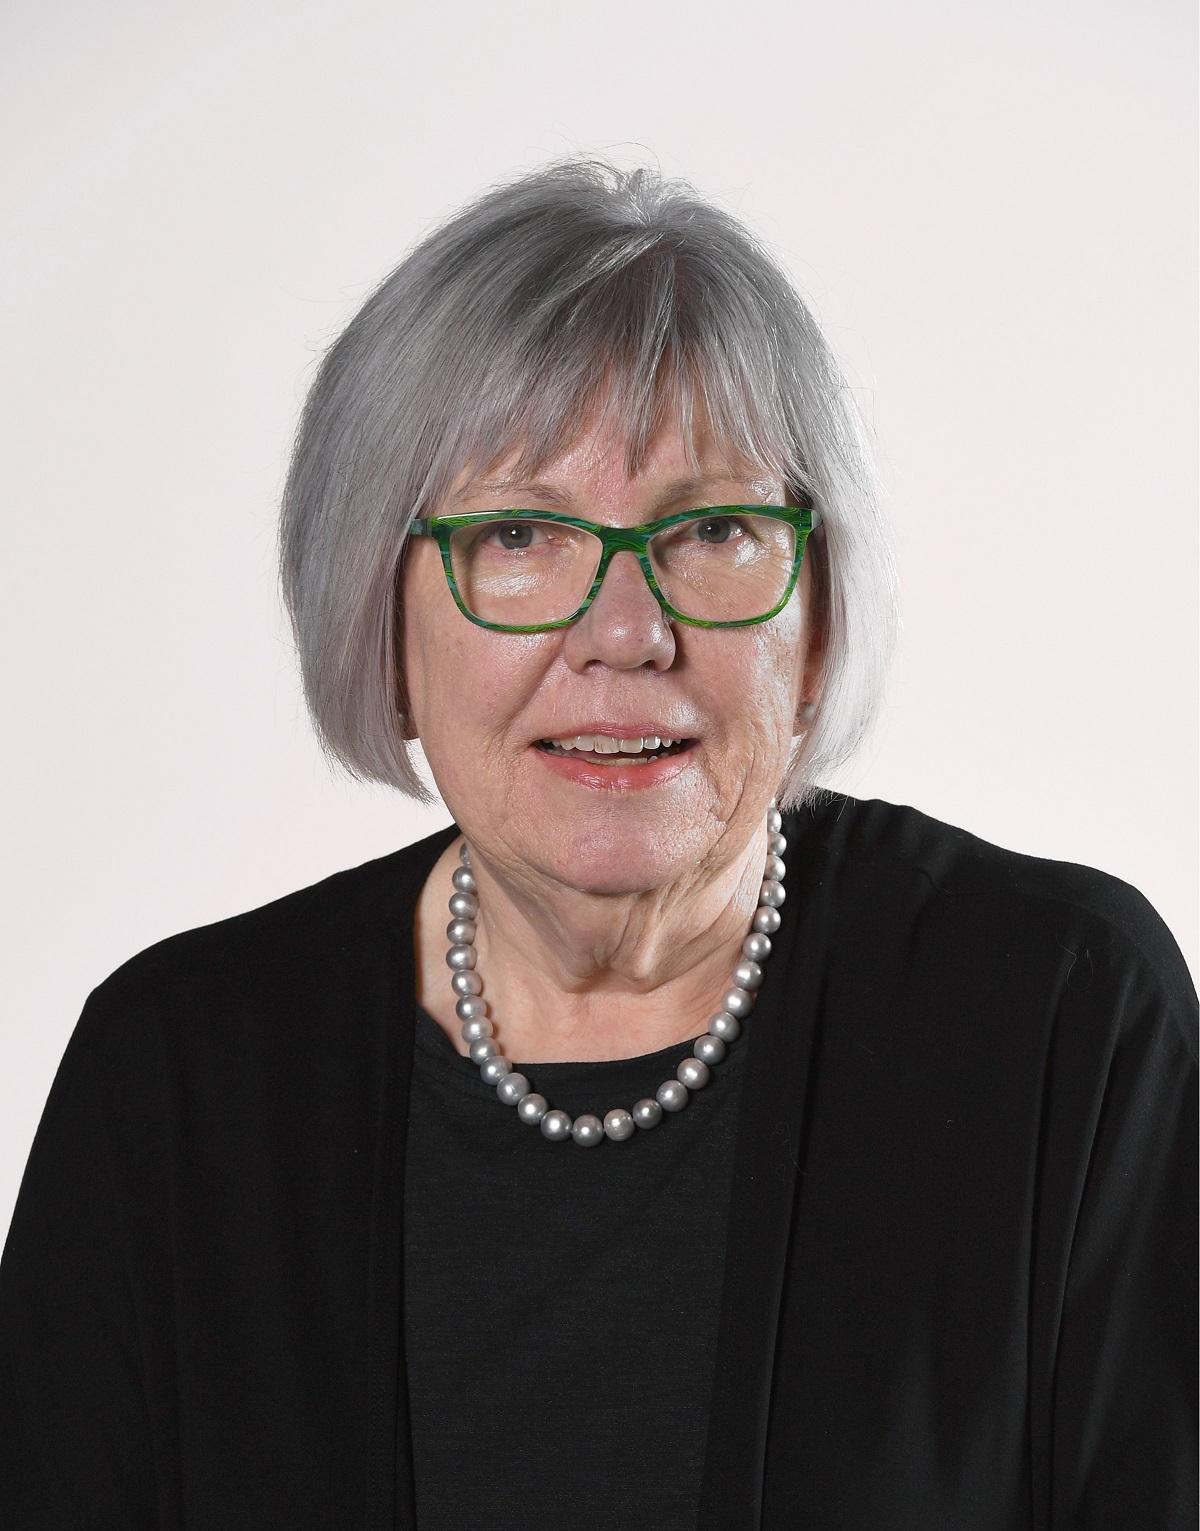 Allison Kirkman